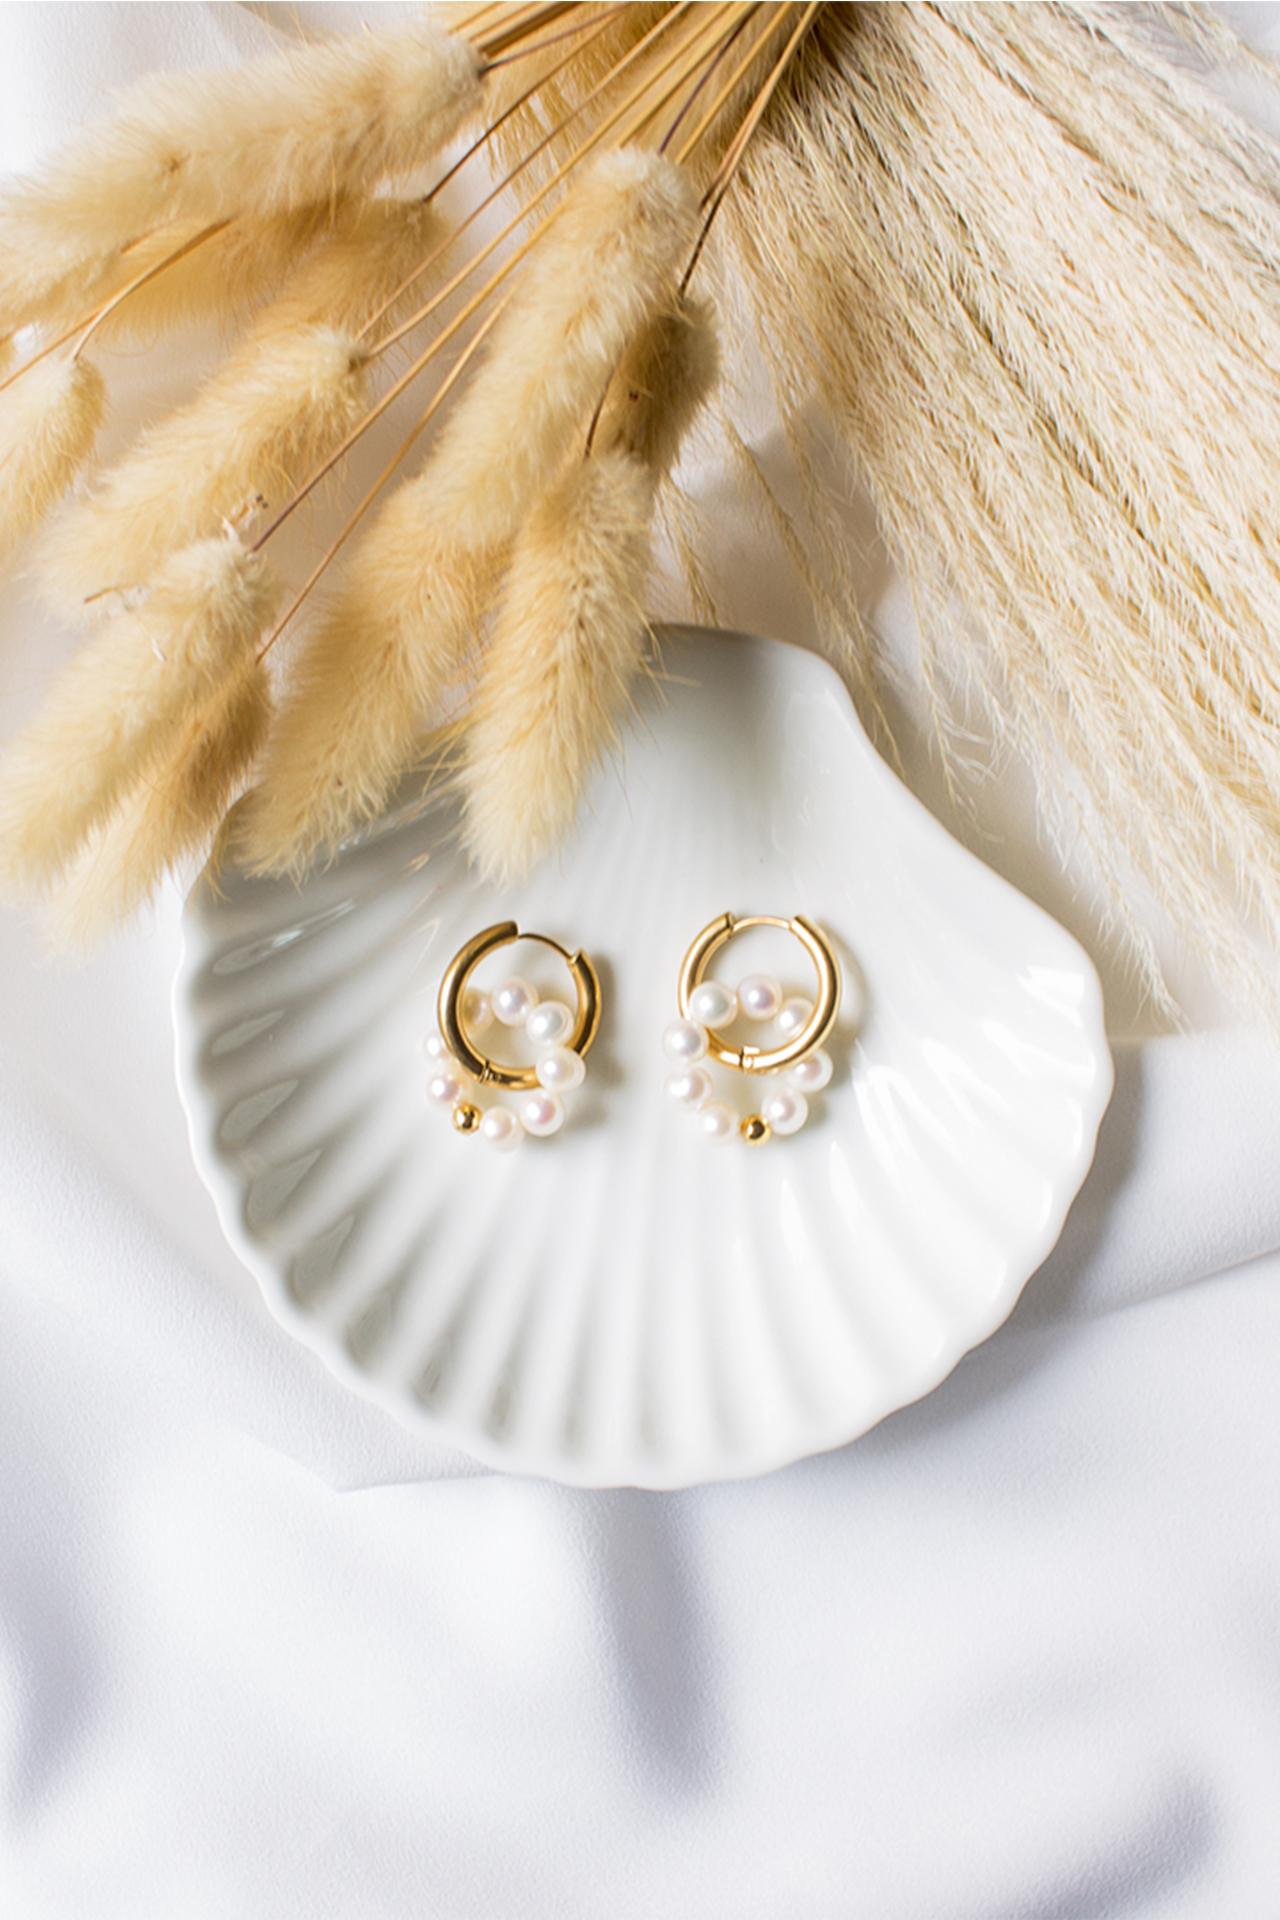 Aretes con perlas de río. Base y accesorios de acero. Diámetro: 2 cm